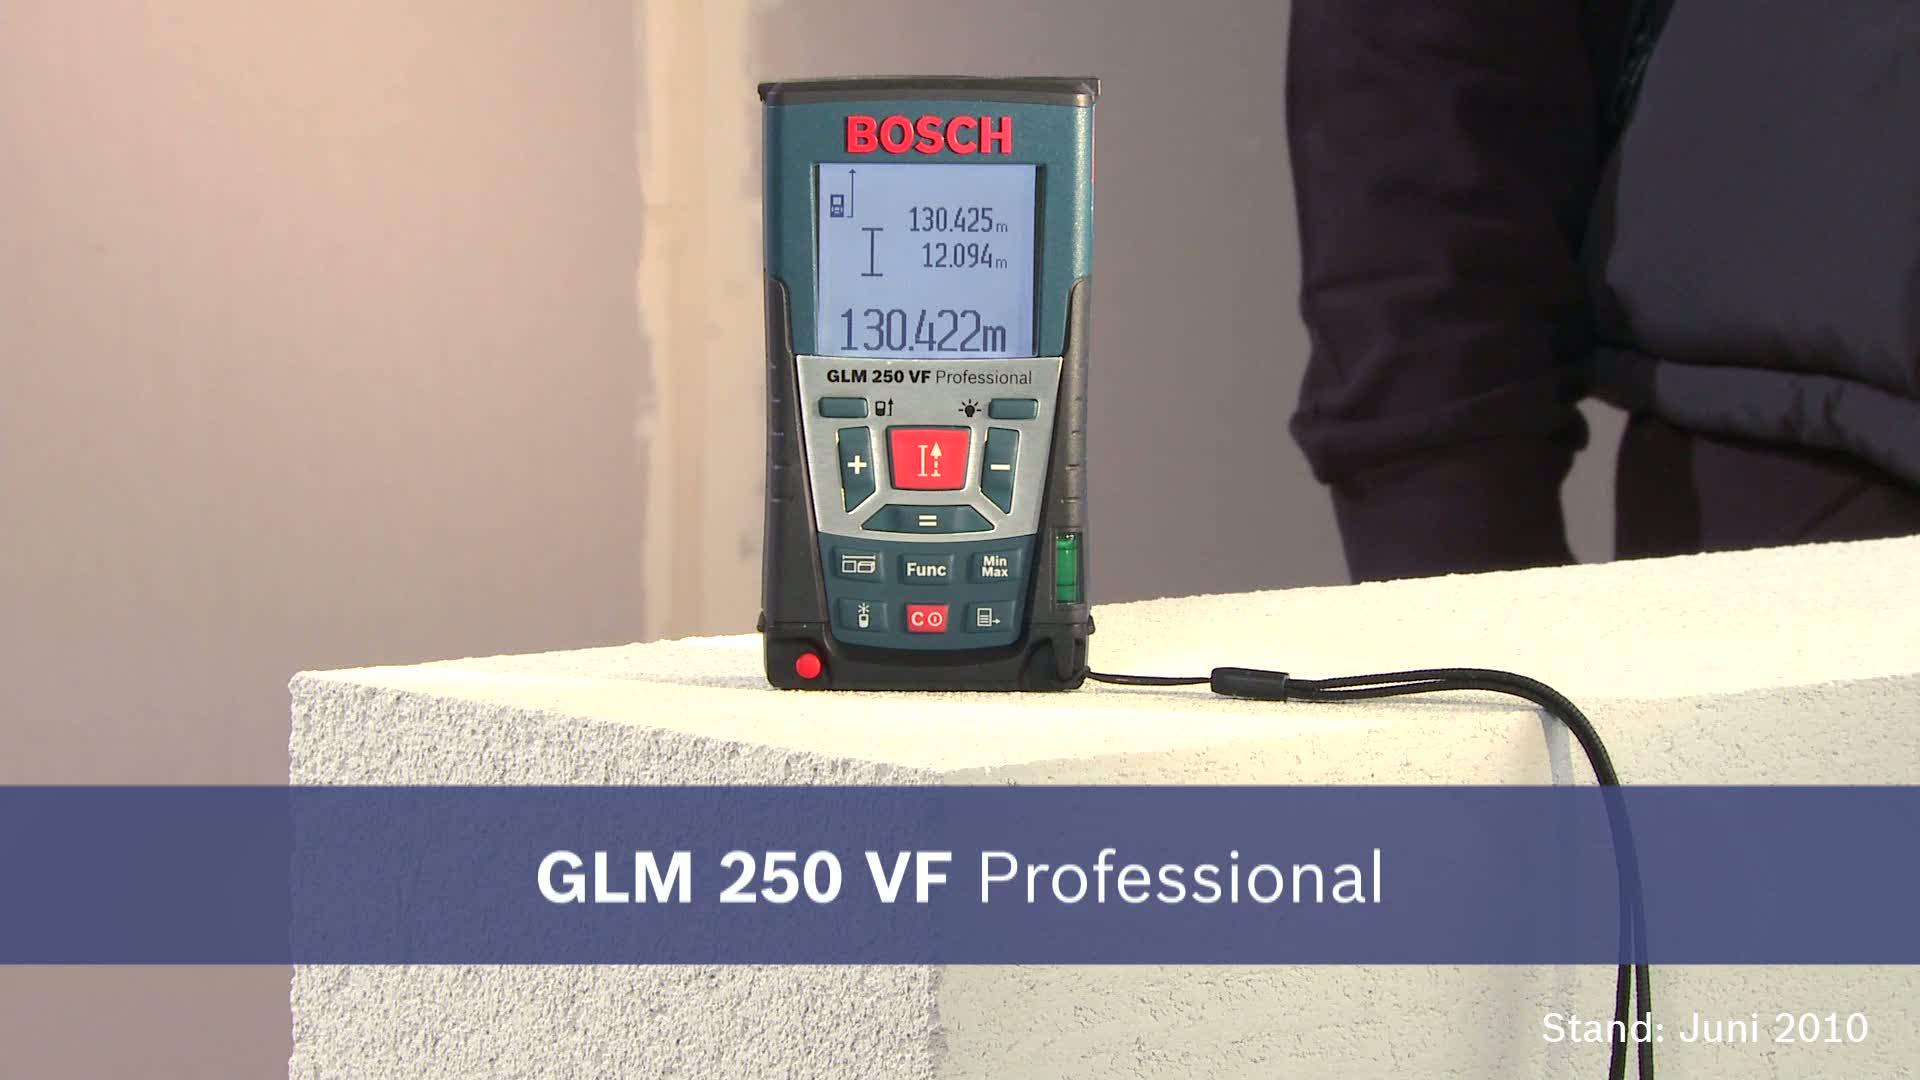 Laser Entfernungsmesser Zieloptik : Glm vf laser entfernungsmesser bosch professional